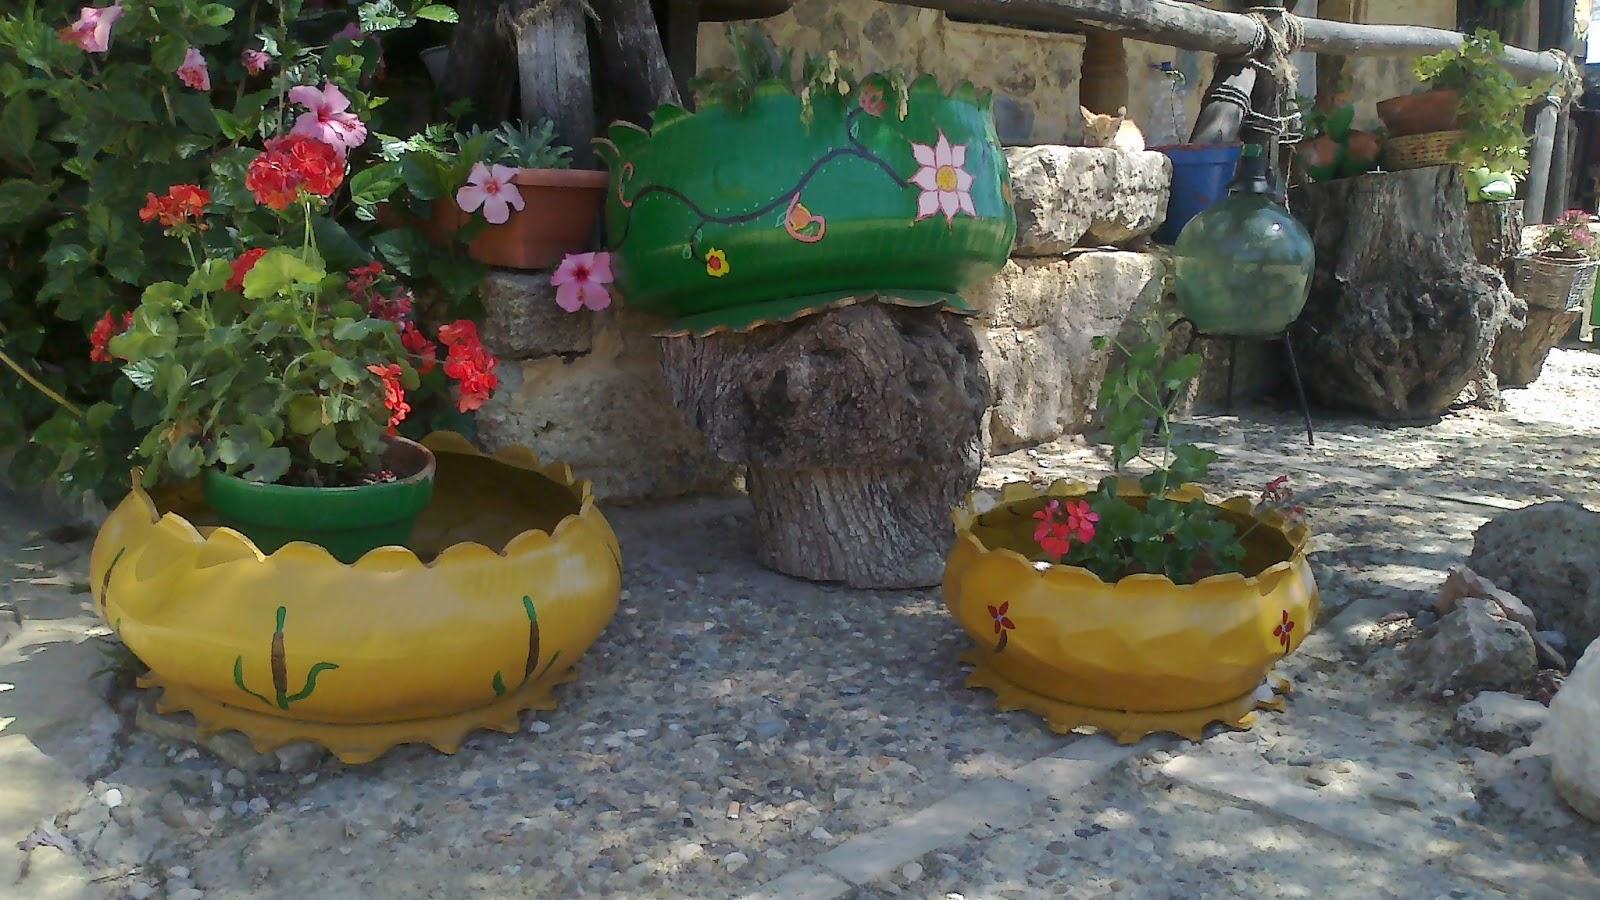 Maceteros y decoraci n de jardines con neum ticos se for Decoracion con neumaticos